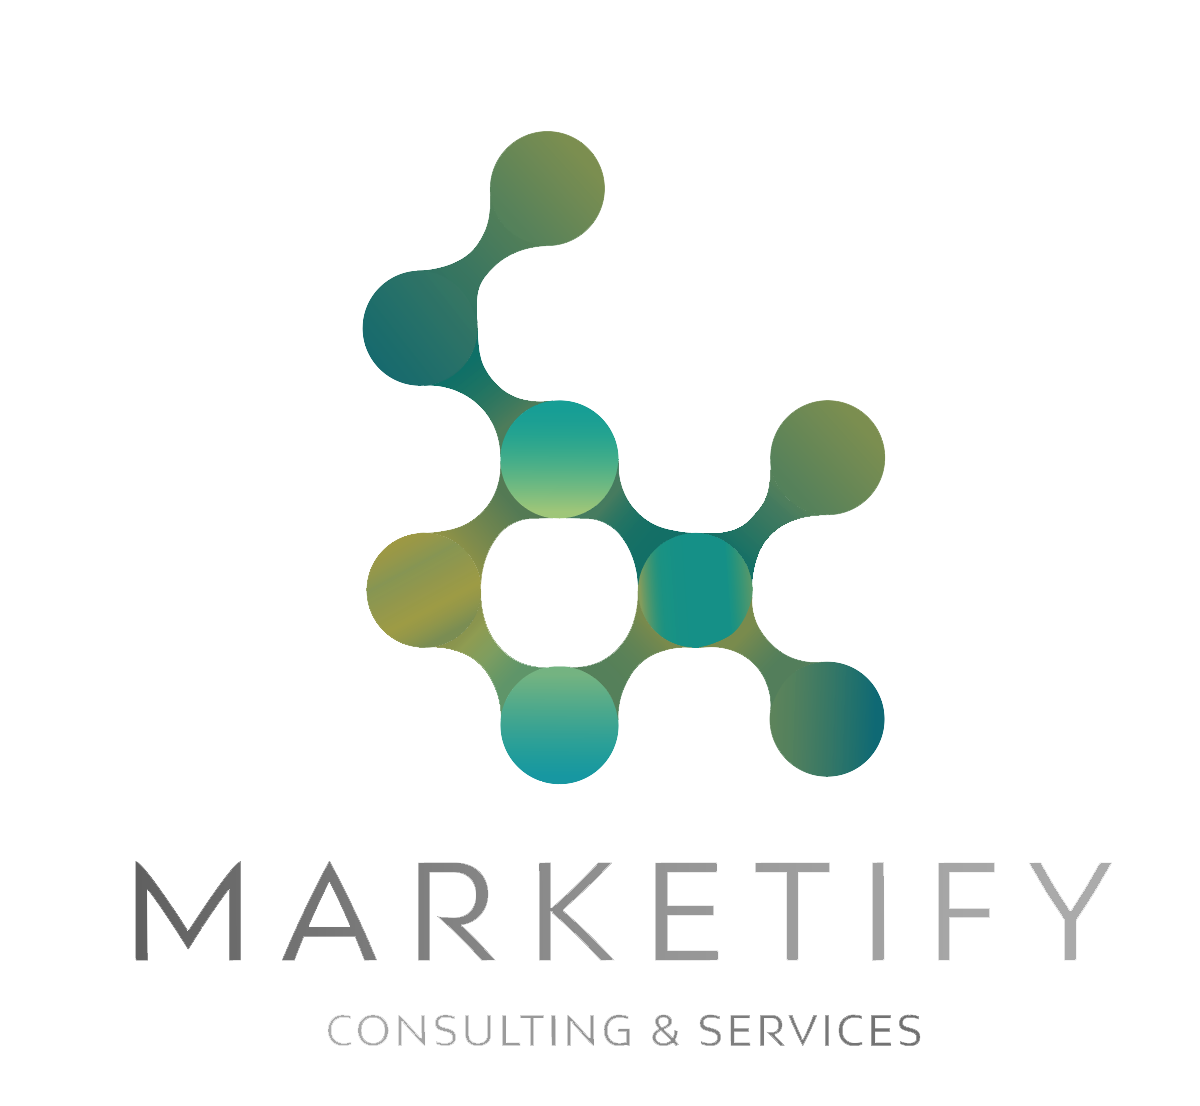 Logo Marketify